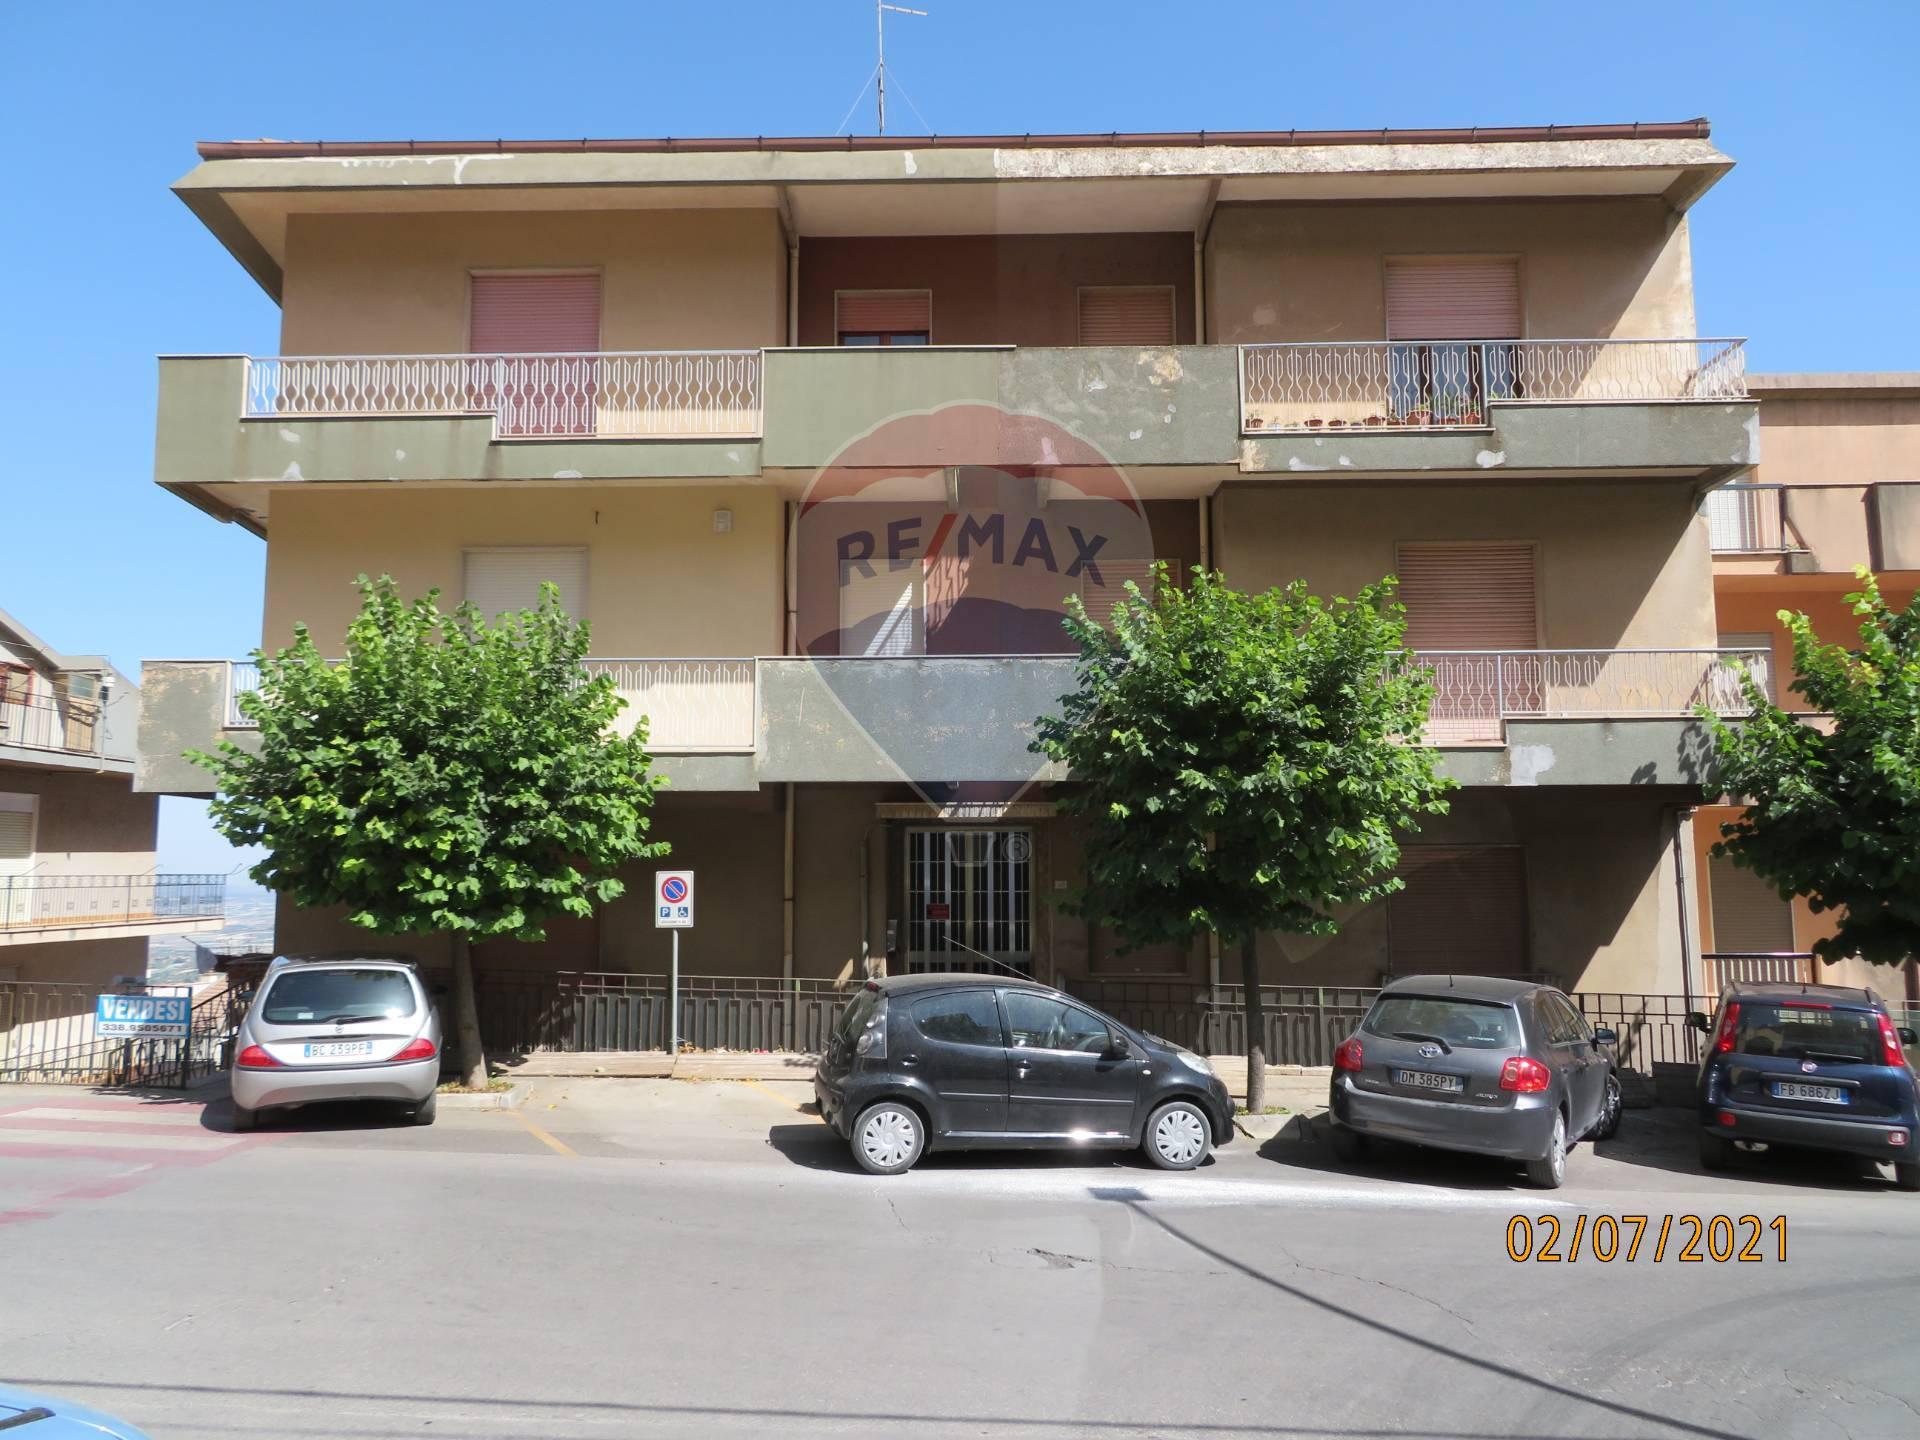 Appartamento in vendita a Chiaramonte Gulfi, 7 locali, prezzo € 95.000 | CambioCasa.it